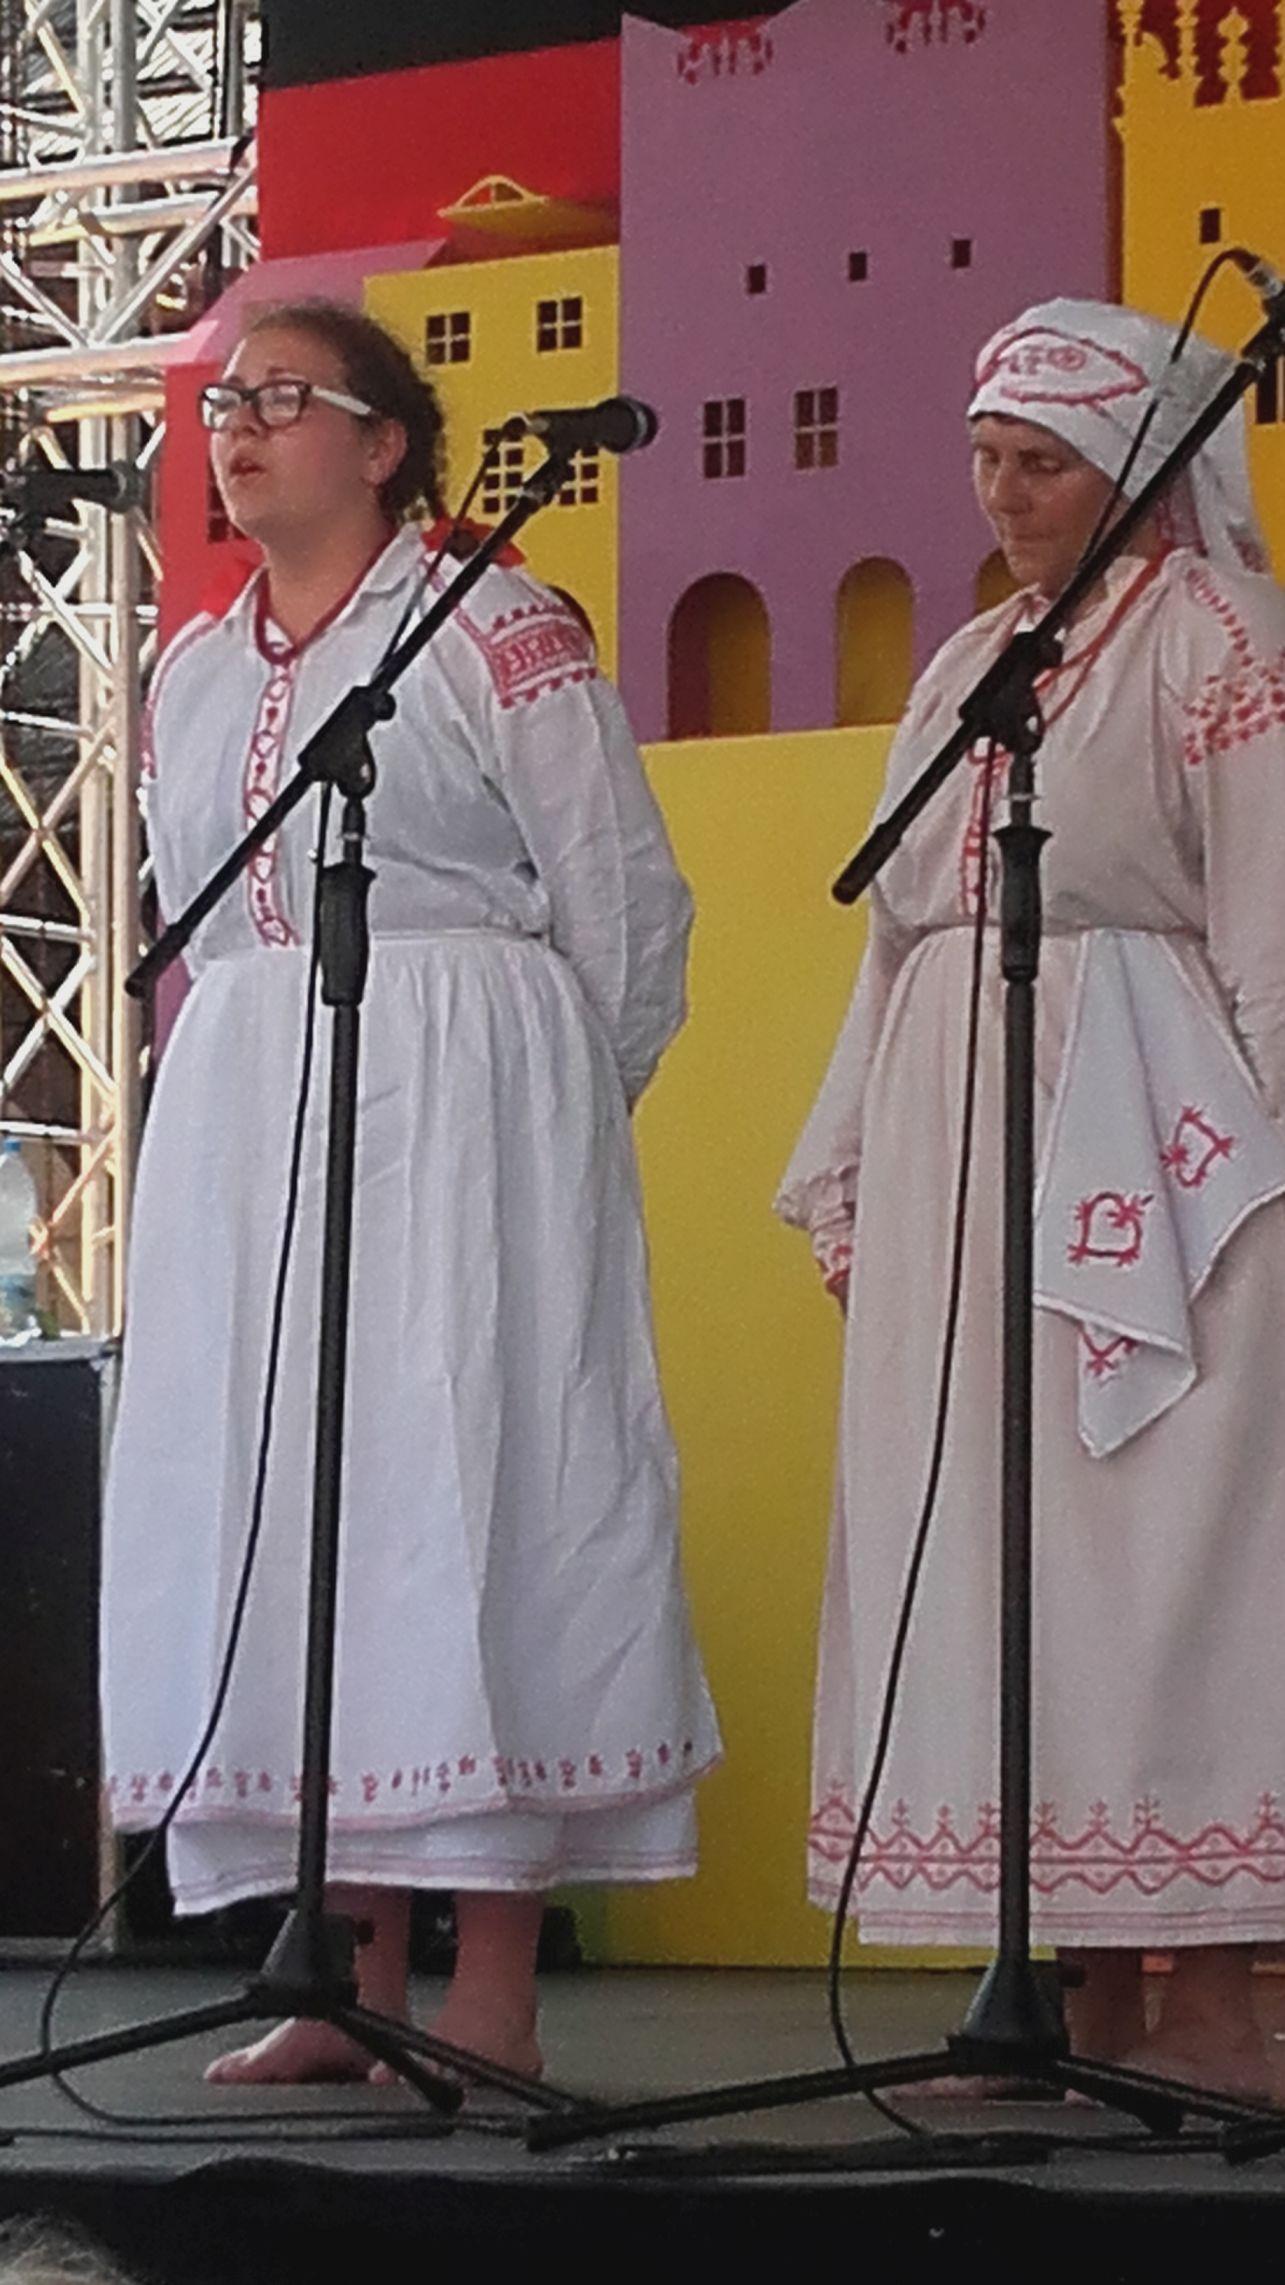 2016-06-25 Kazimierz Dolny - festiwal (45)